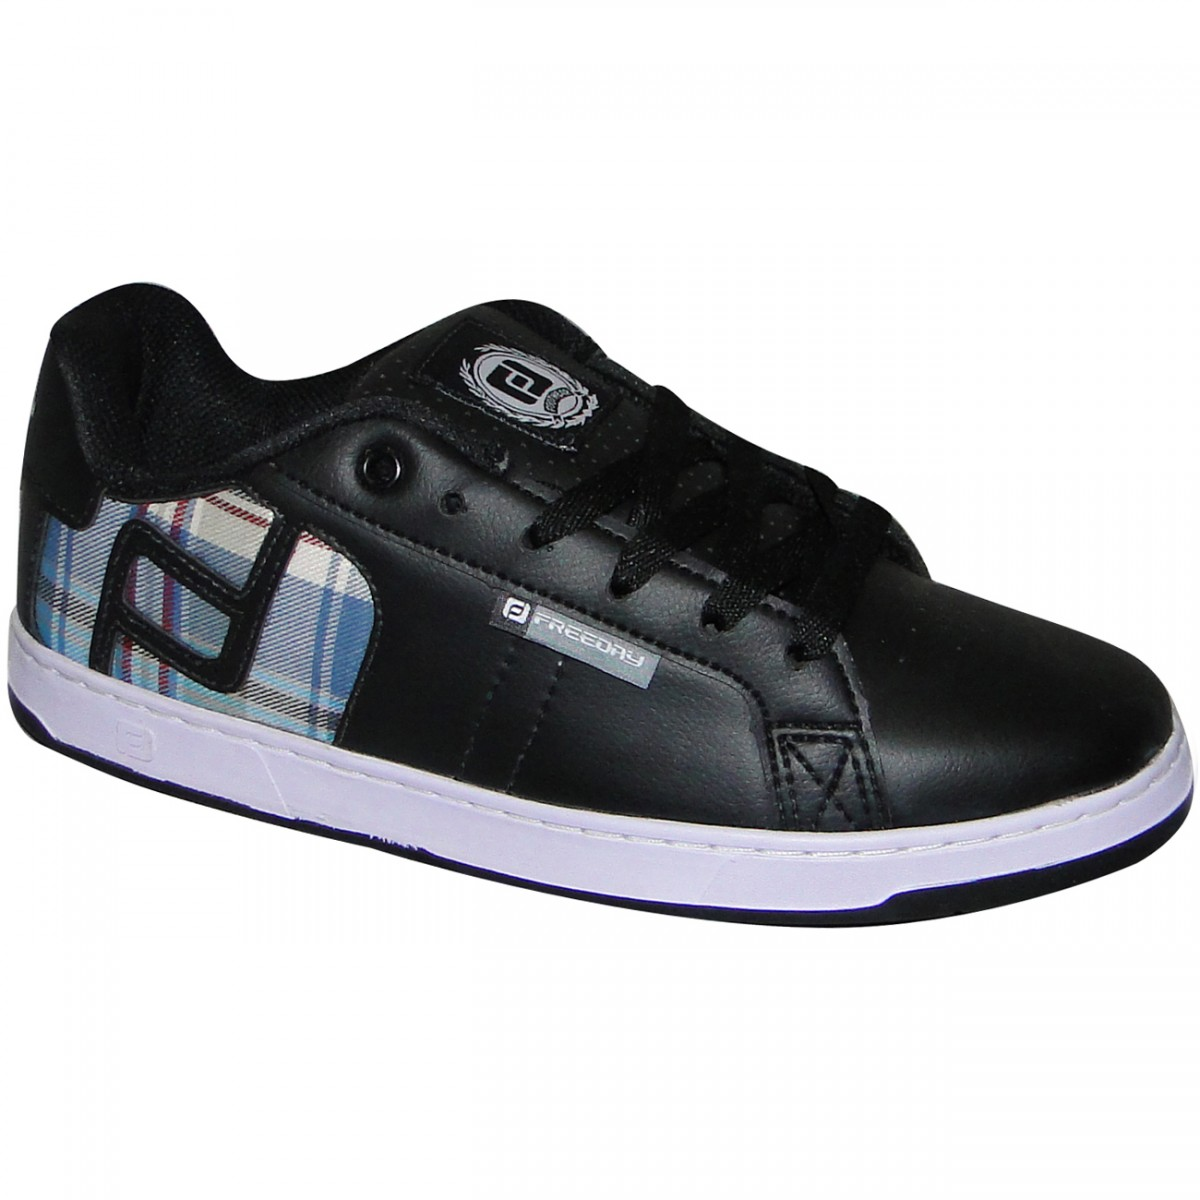 37479983c71 TENIS FREEDAY LOGO 19912 - Preto Xadrez Azul - Chuteira Nike